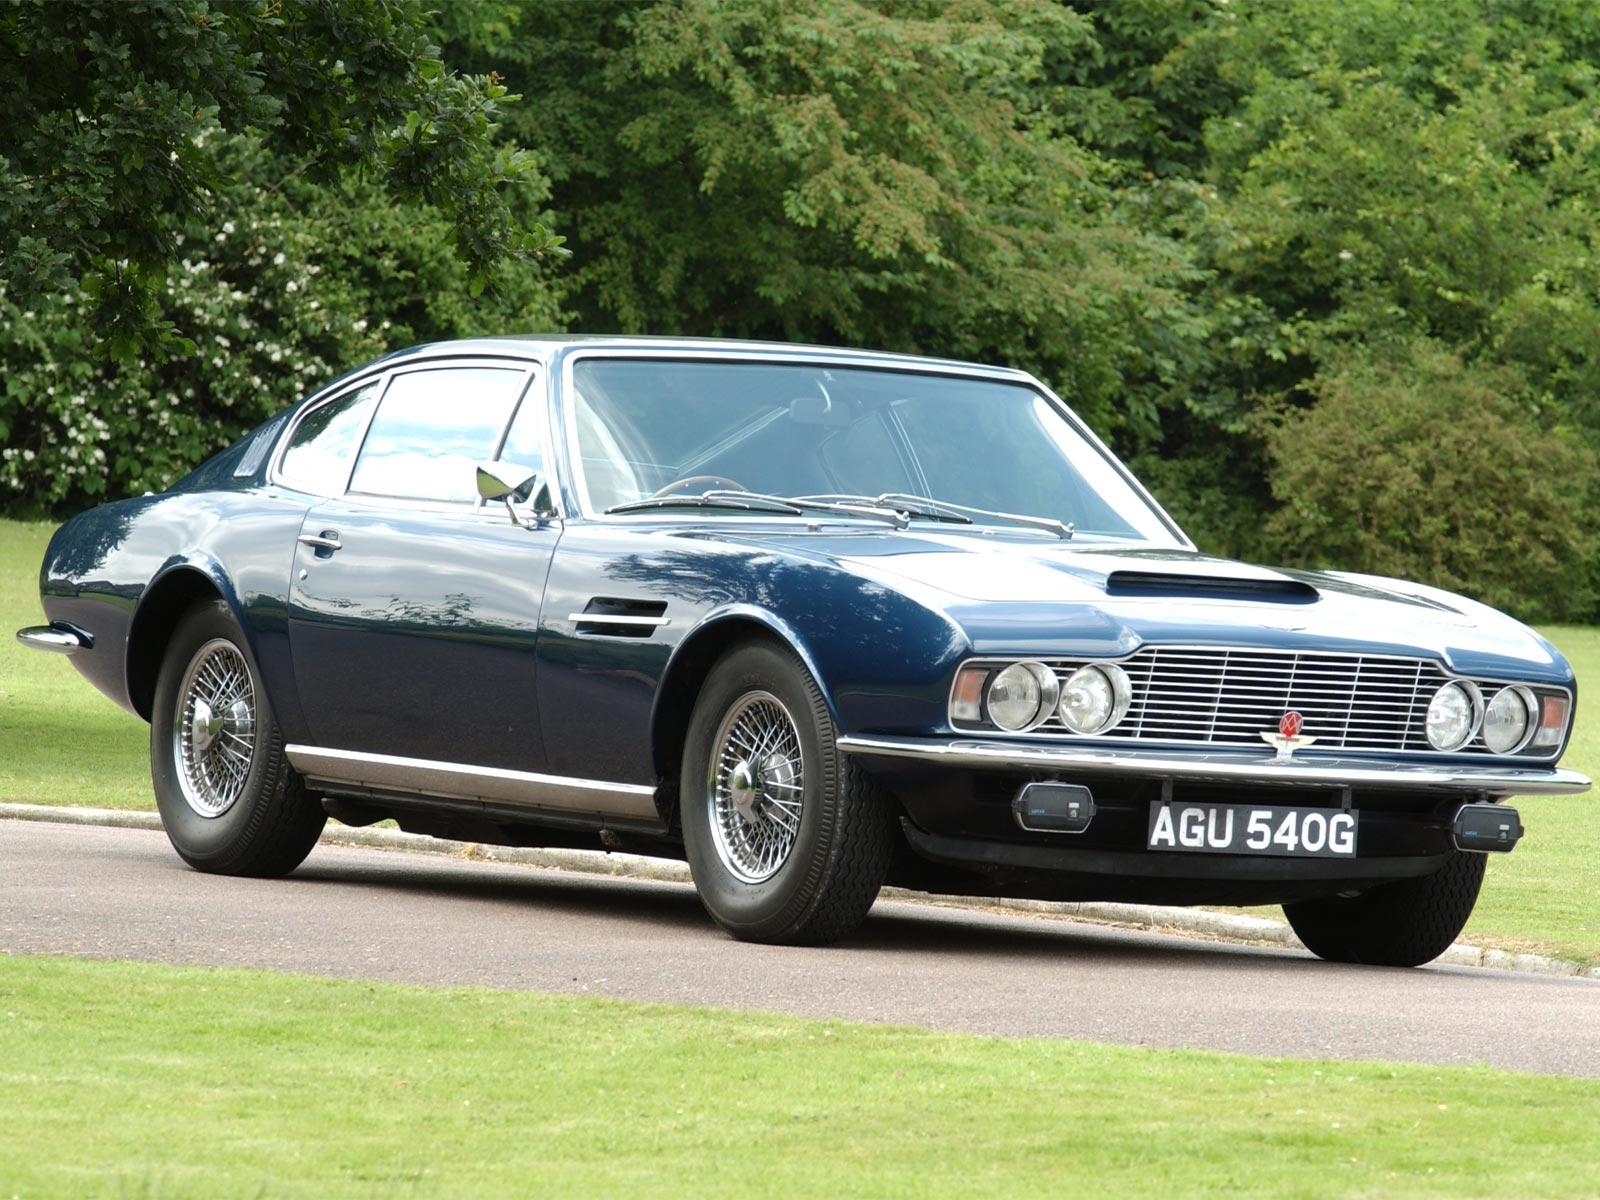 1967 1972 Aston Martin Dbs Autoguru Katalog At